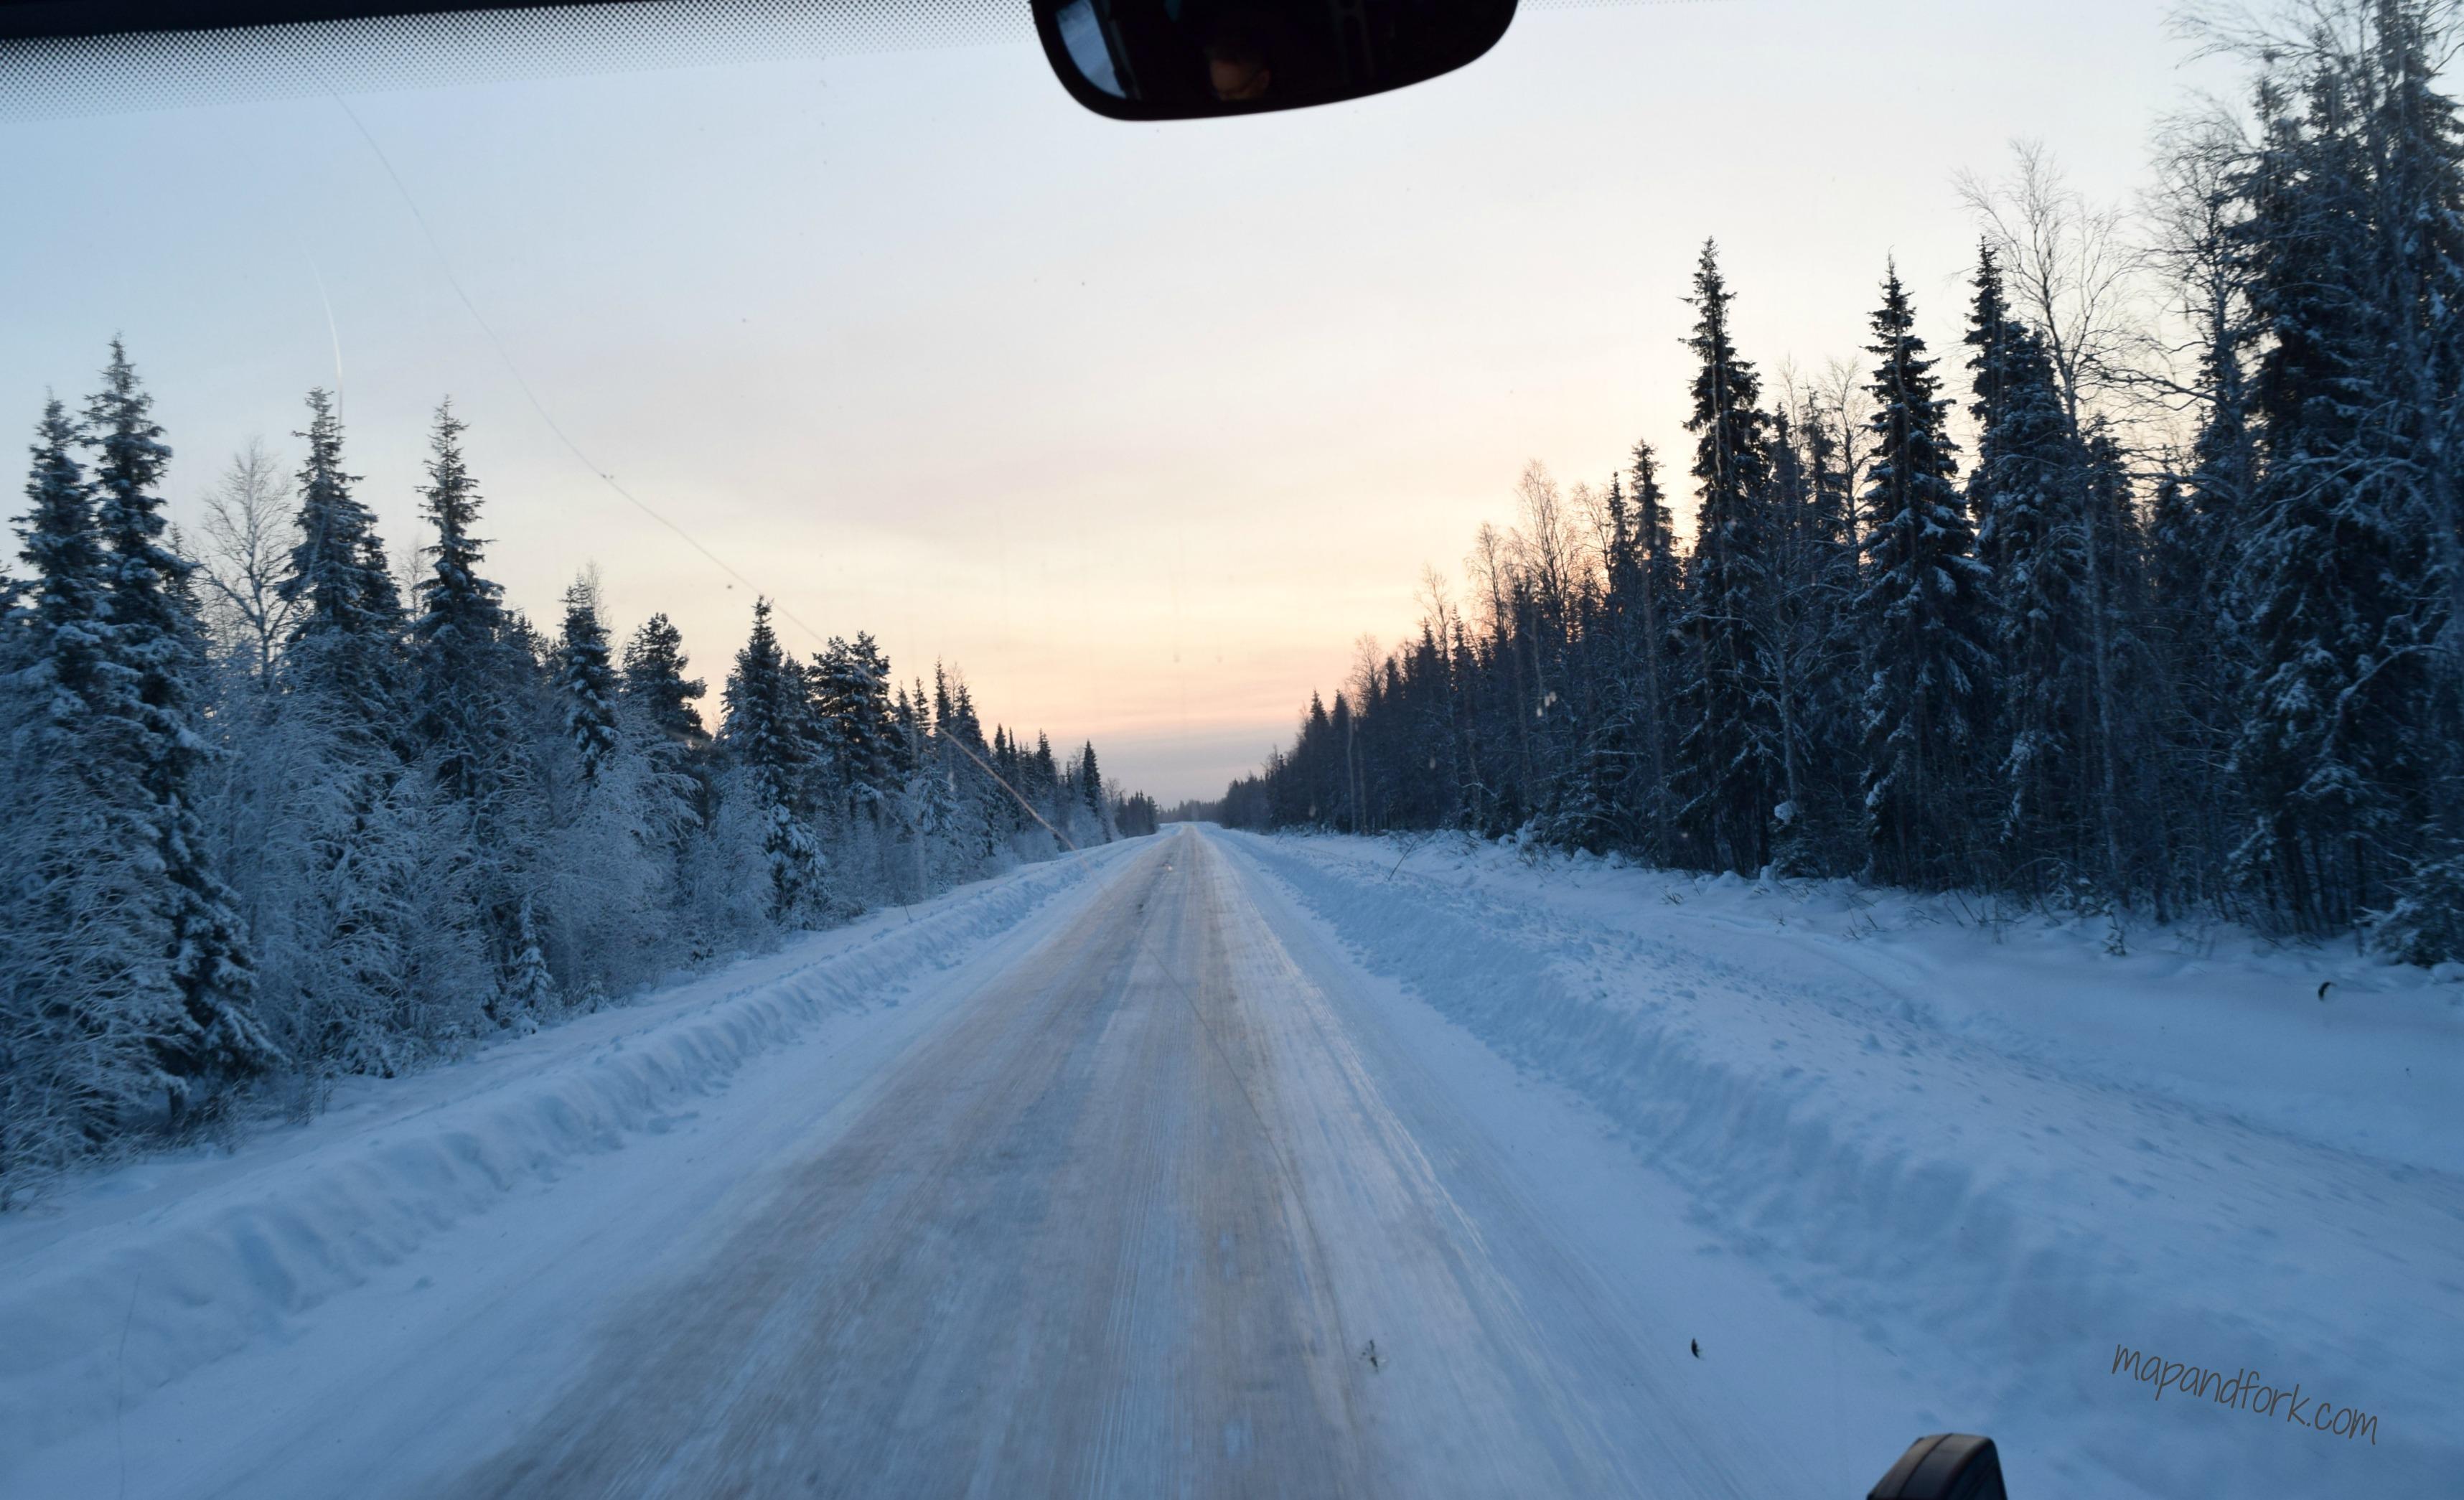 Casa Babbo Natale Rovaniemi Finlandia.Interrail Scandinavia Rovaniemi A Casa Di Babbo Natale Il Fatto